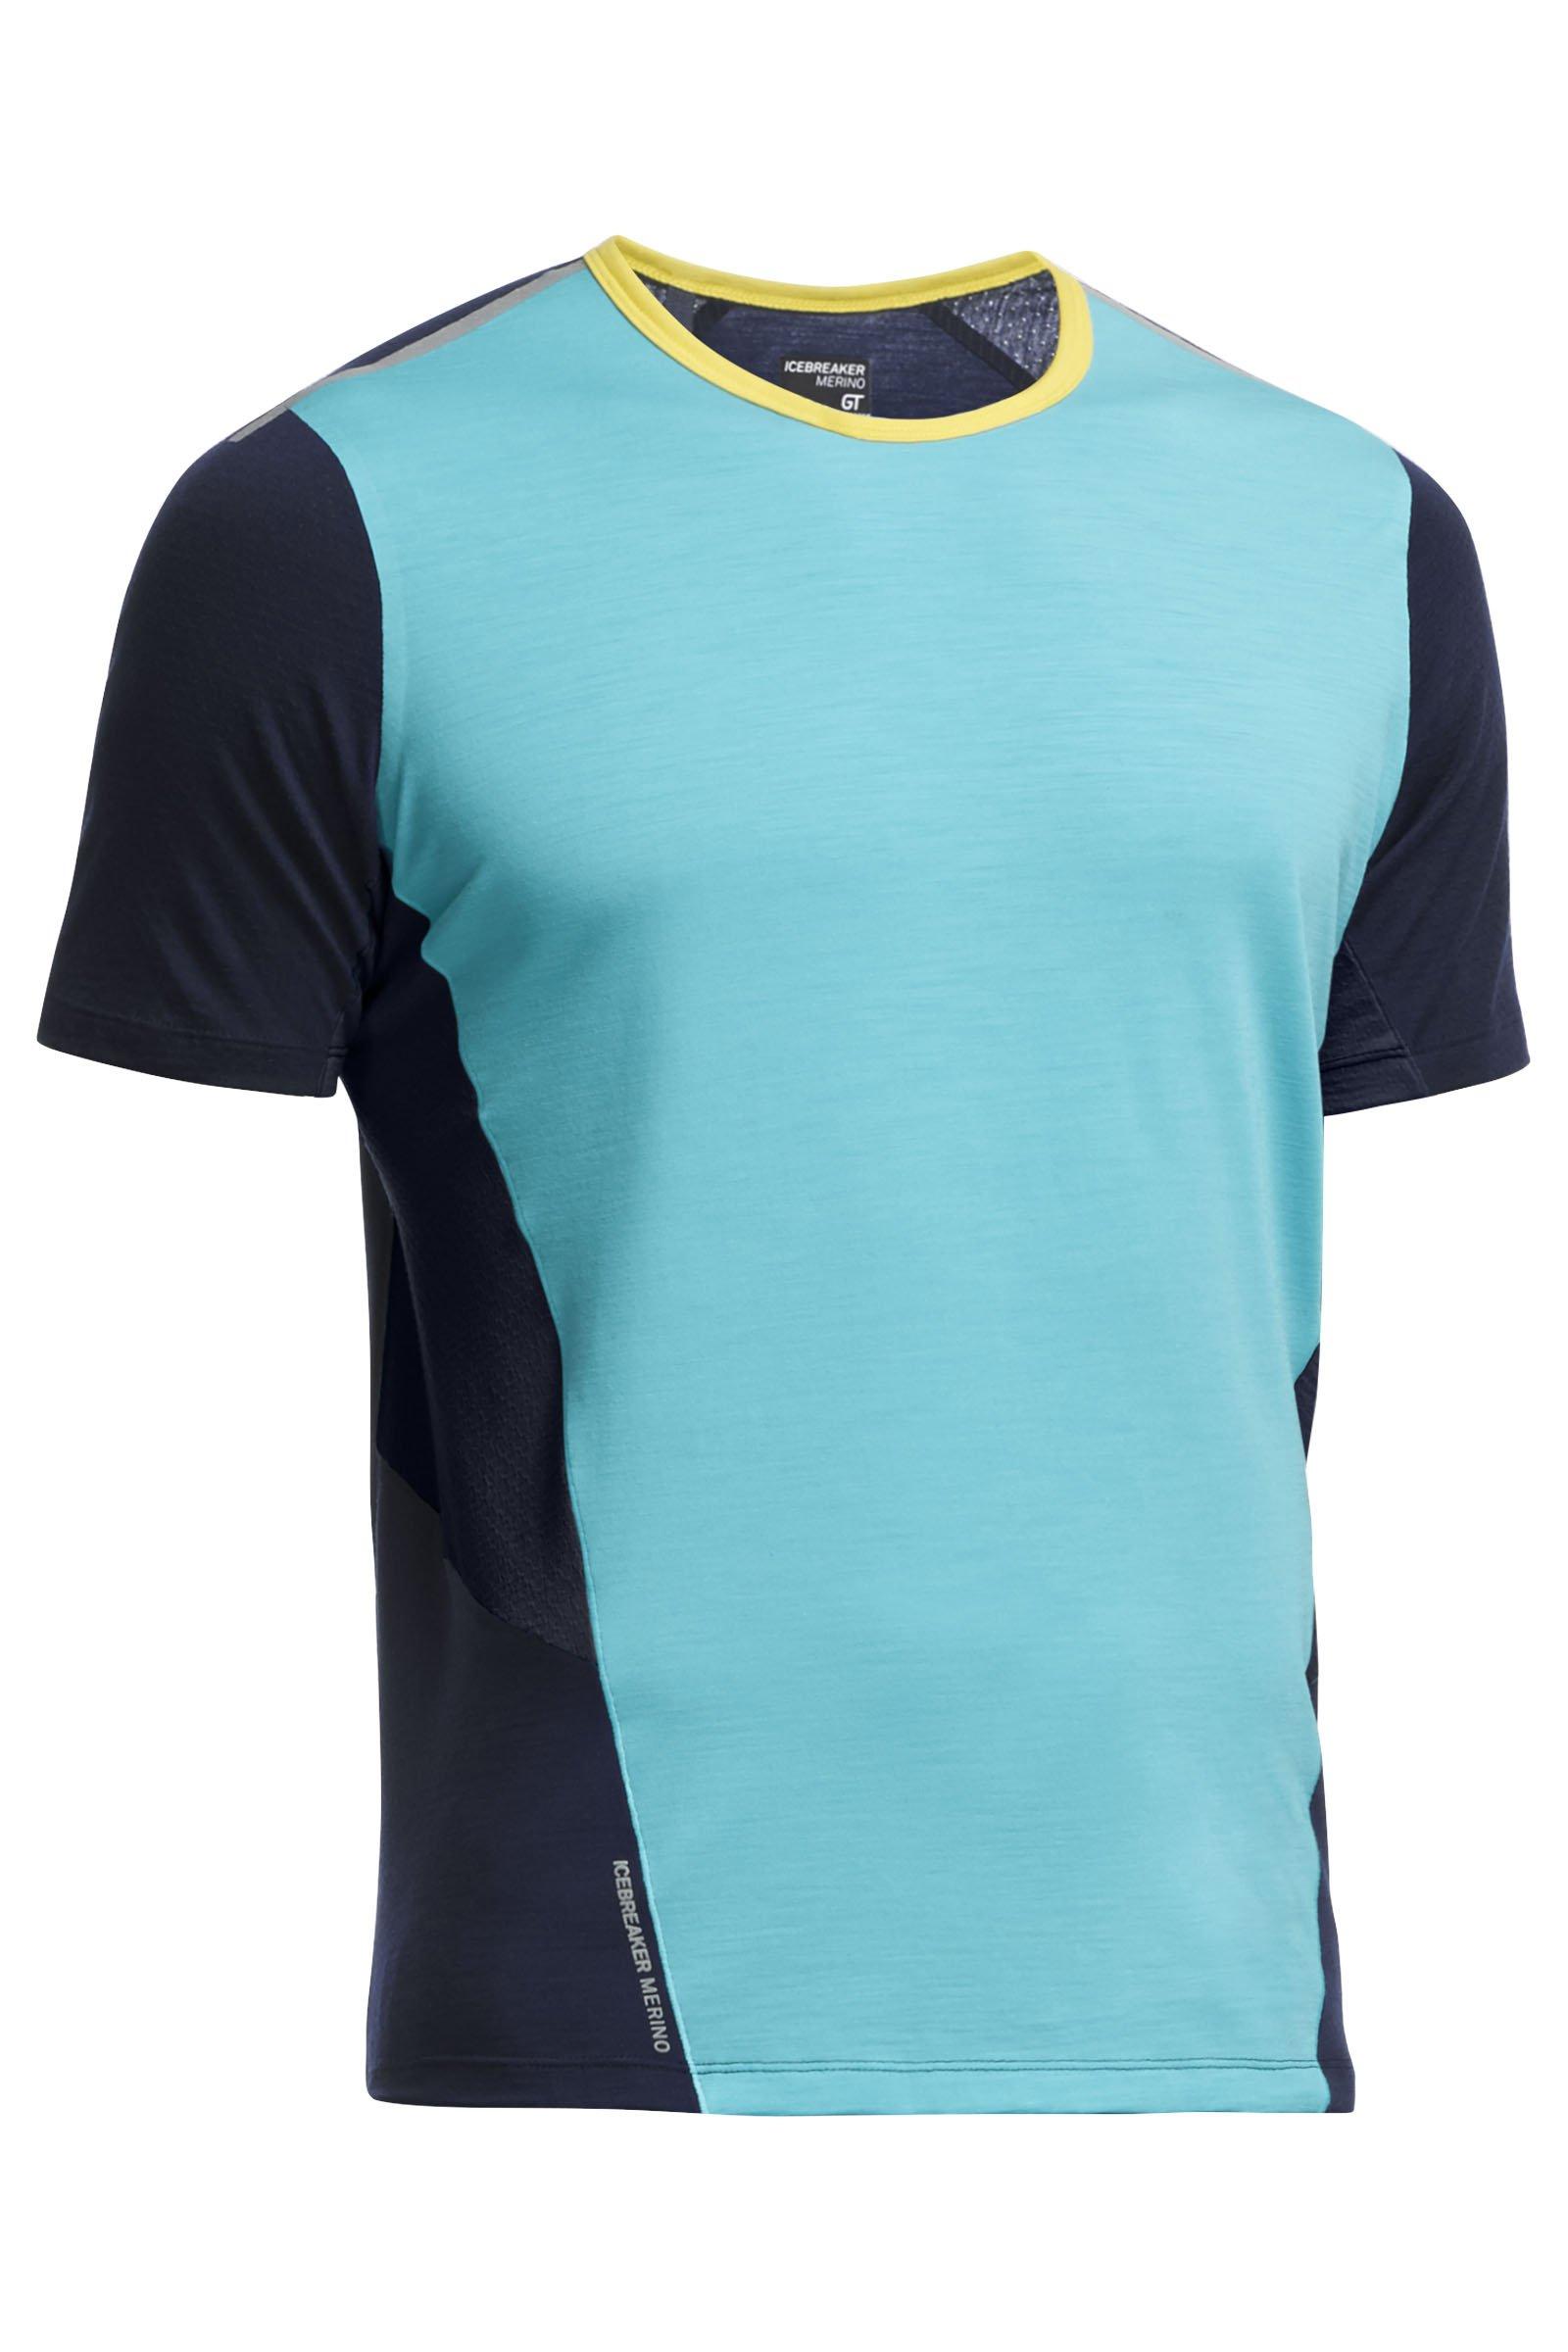 Icebreaker Tee-shirt Strike M v�tement running homme